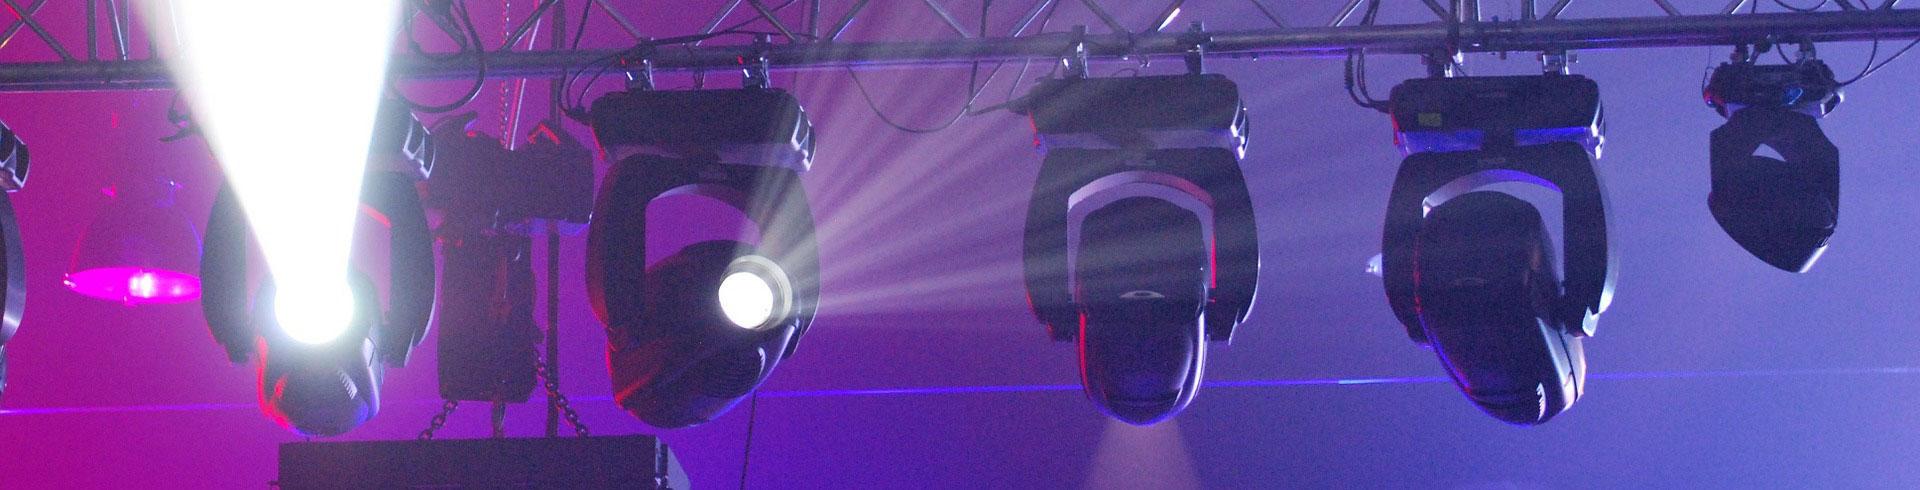 audiovisuales-guadalajara-slider-n1